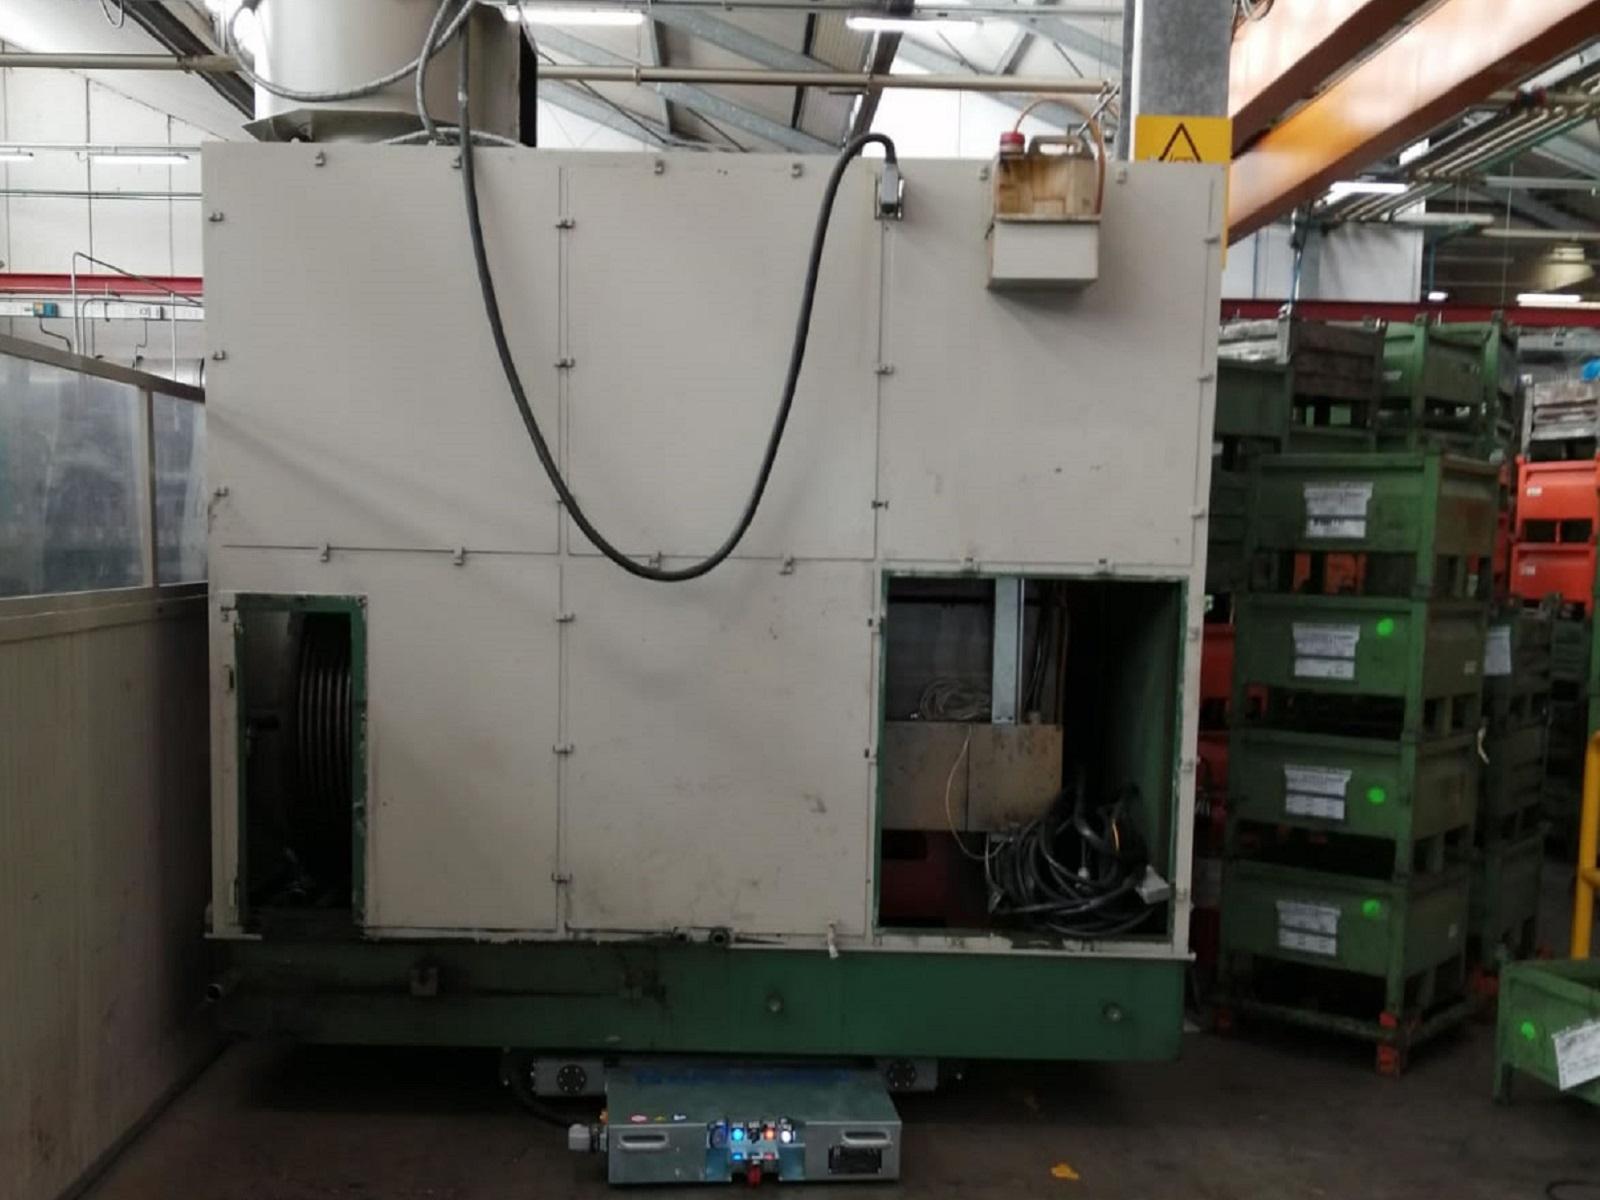 ralla elettrica Archimede per spostamento merci in magazzino